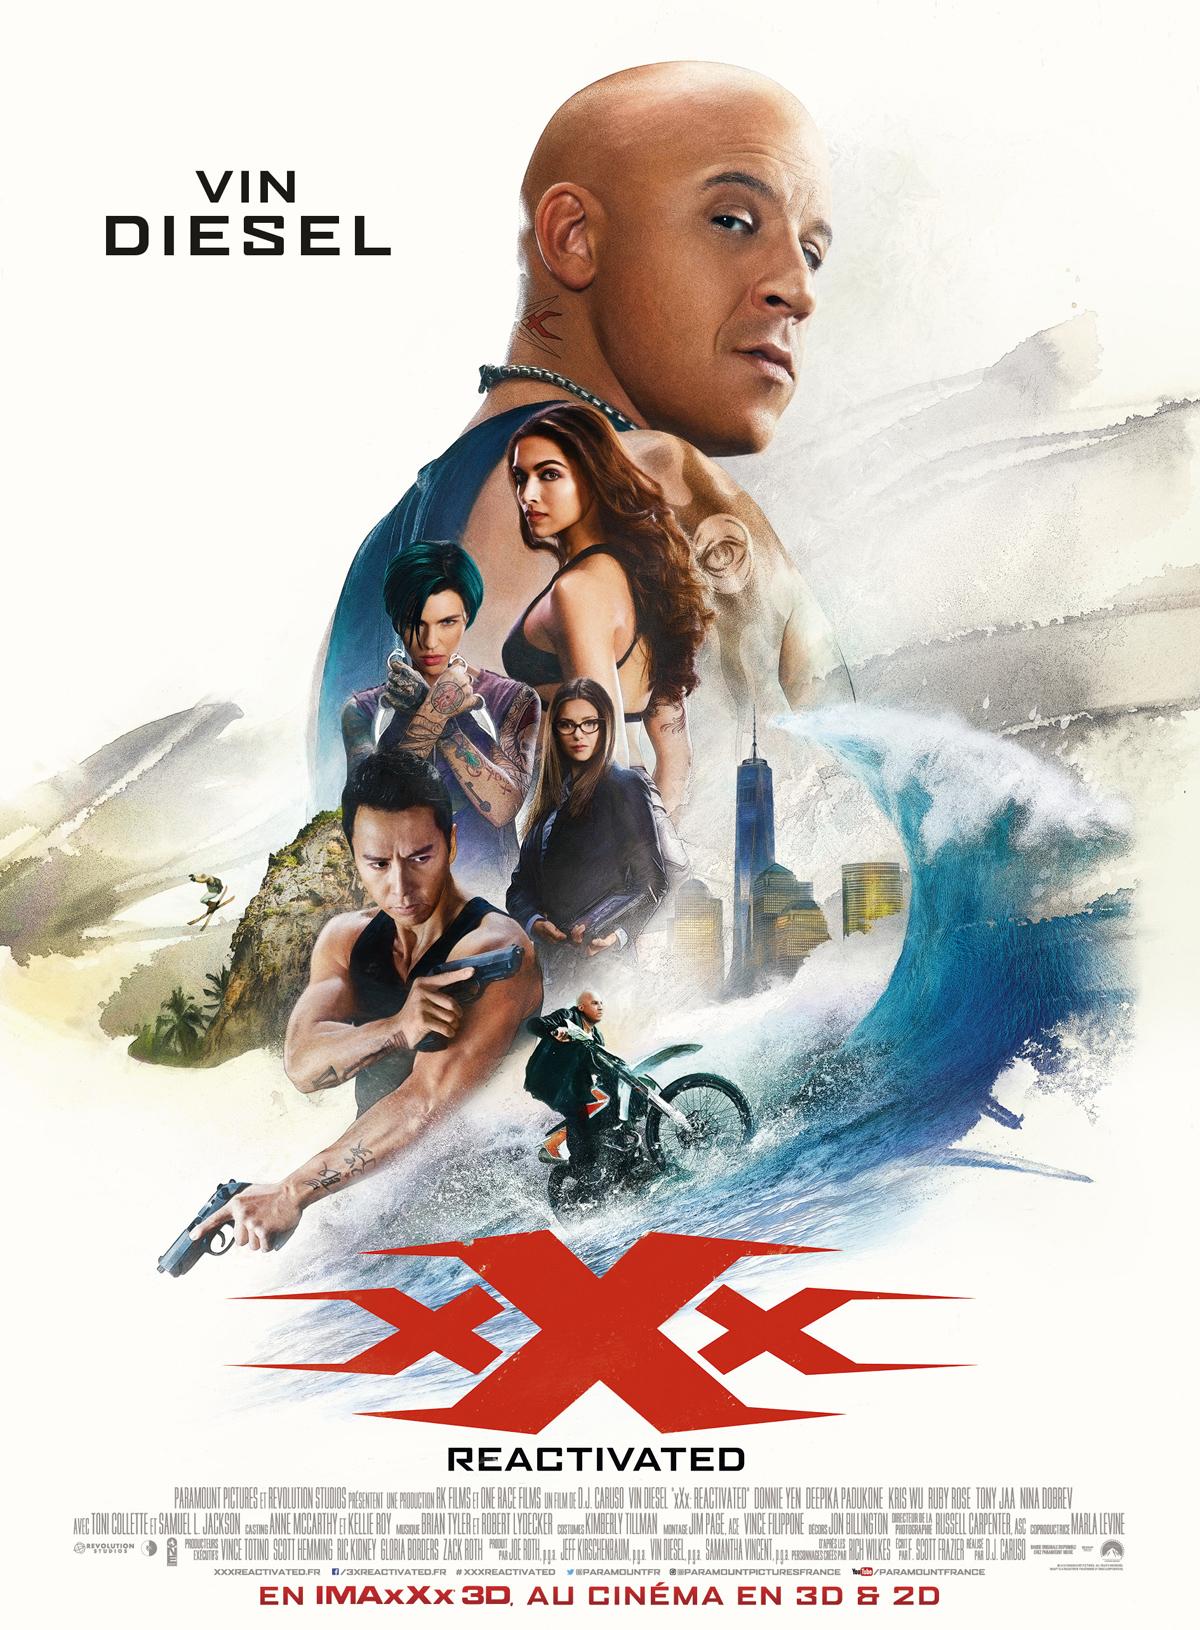 Xxx Film